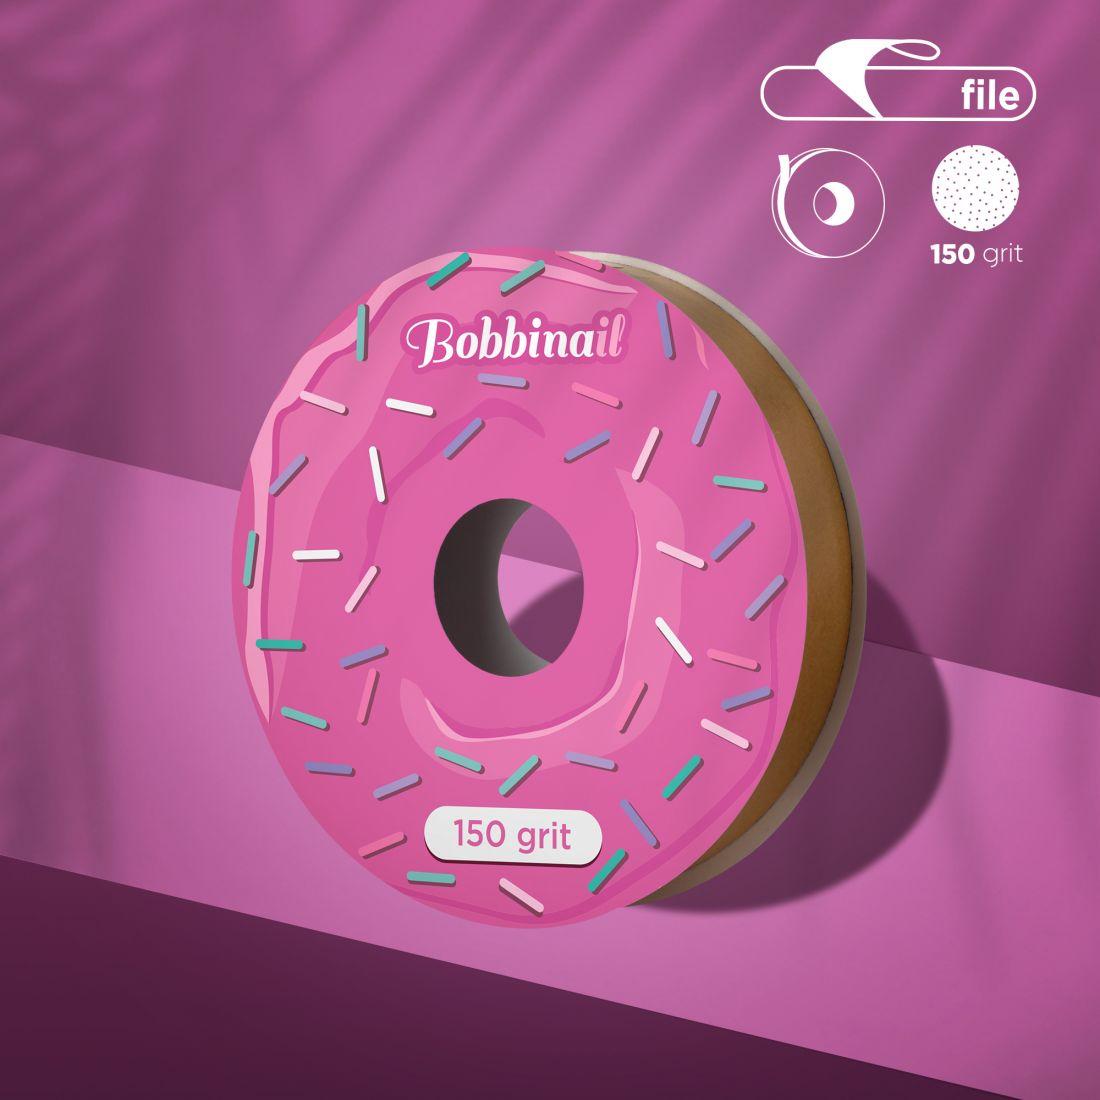 Запасной блок файл-ленты для пластиковой катушки Bobbinail STALEKS PRO 150 грит (8м)